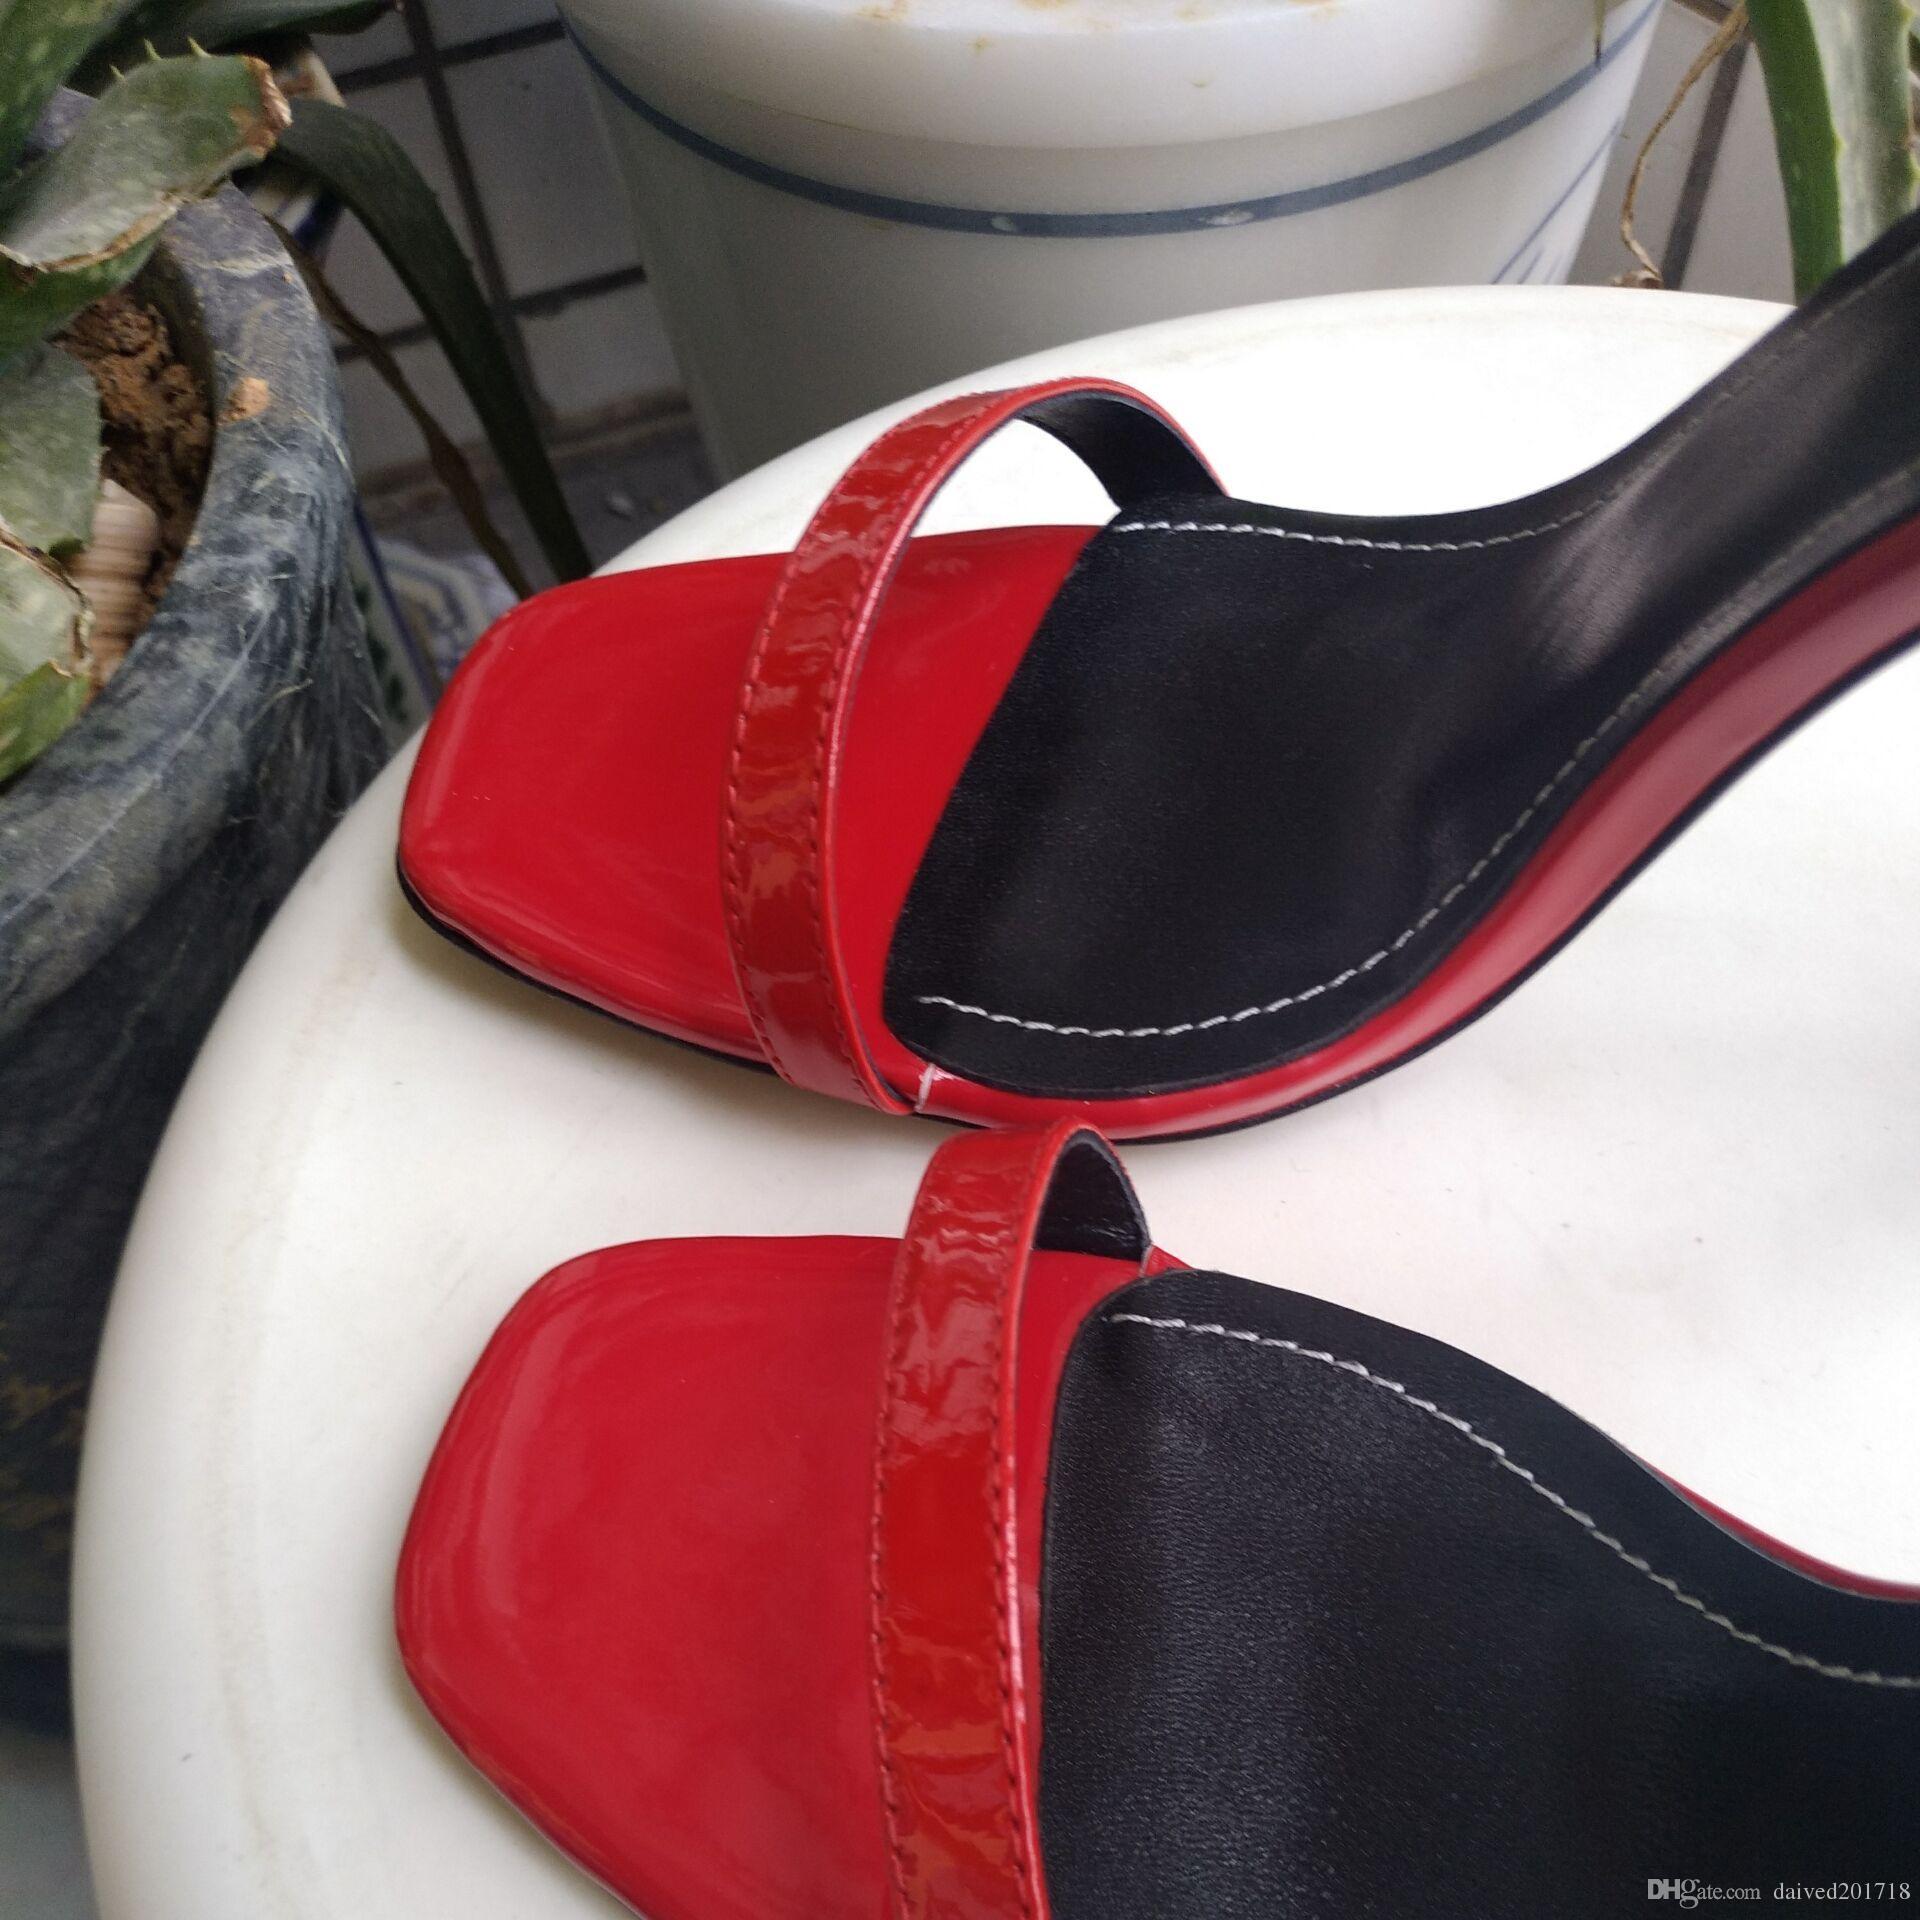 El nuevo estilo europeo de lujo con sandalias de tacón clásico, zapatos para dama, supermodelo de París, pasarela y hebilla de suela de goma